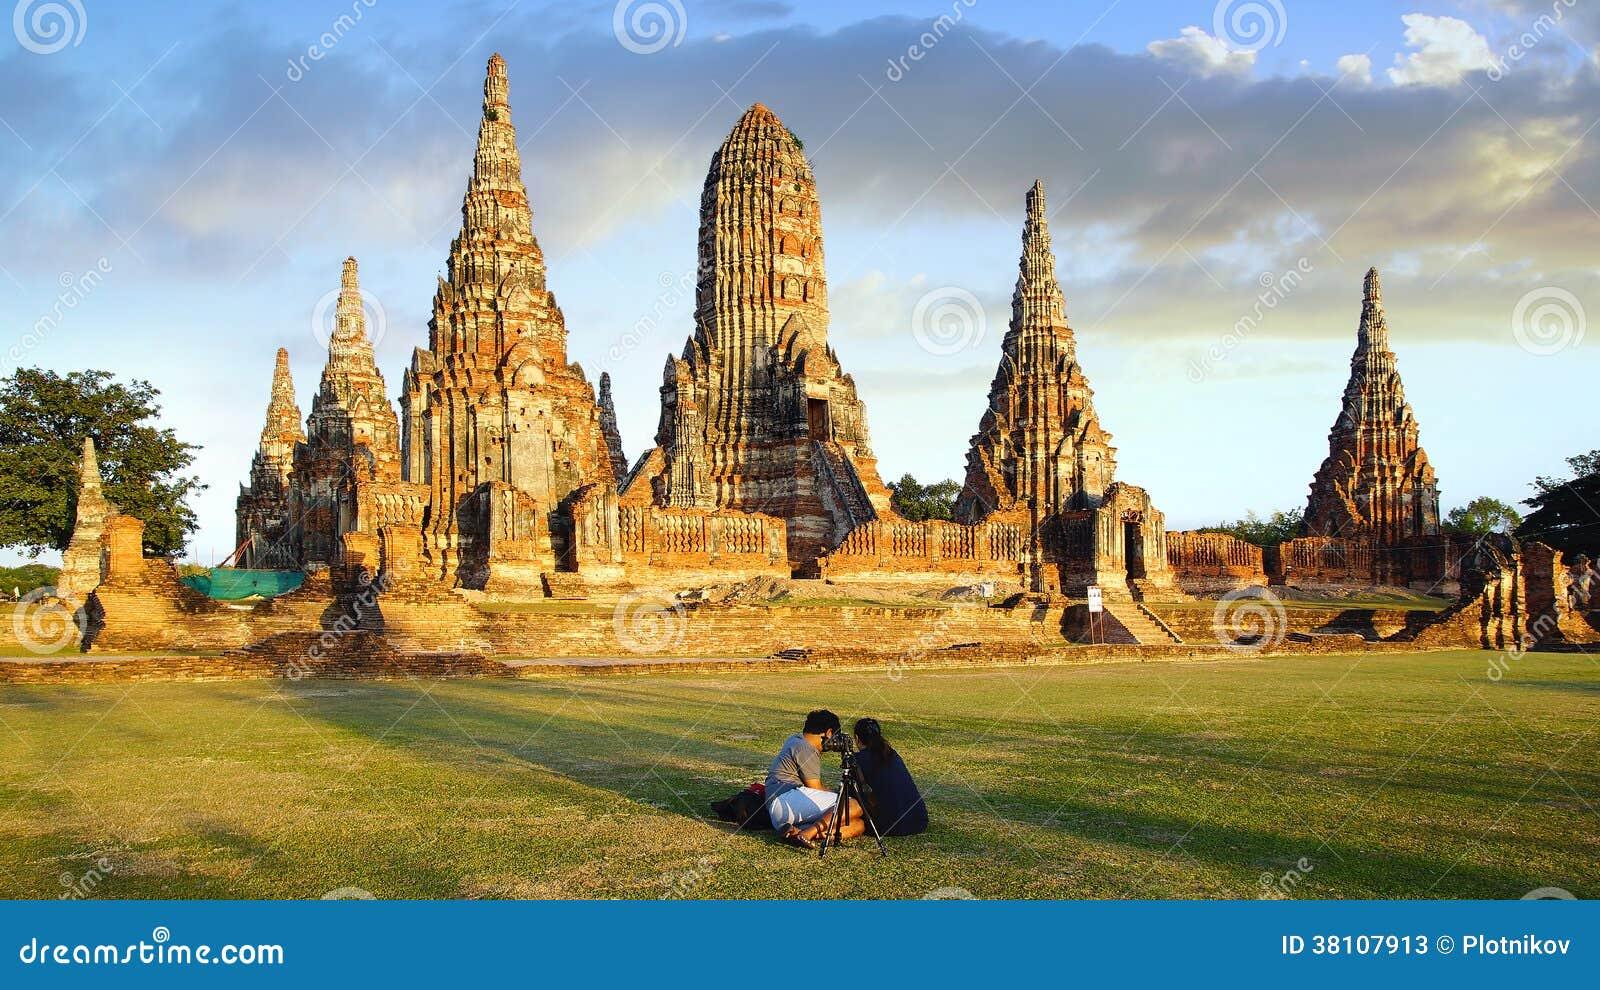 Turistas cerca del templo de Wat Chai Watthanaram.